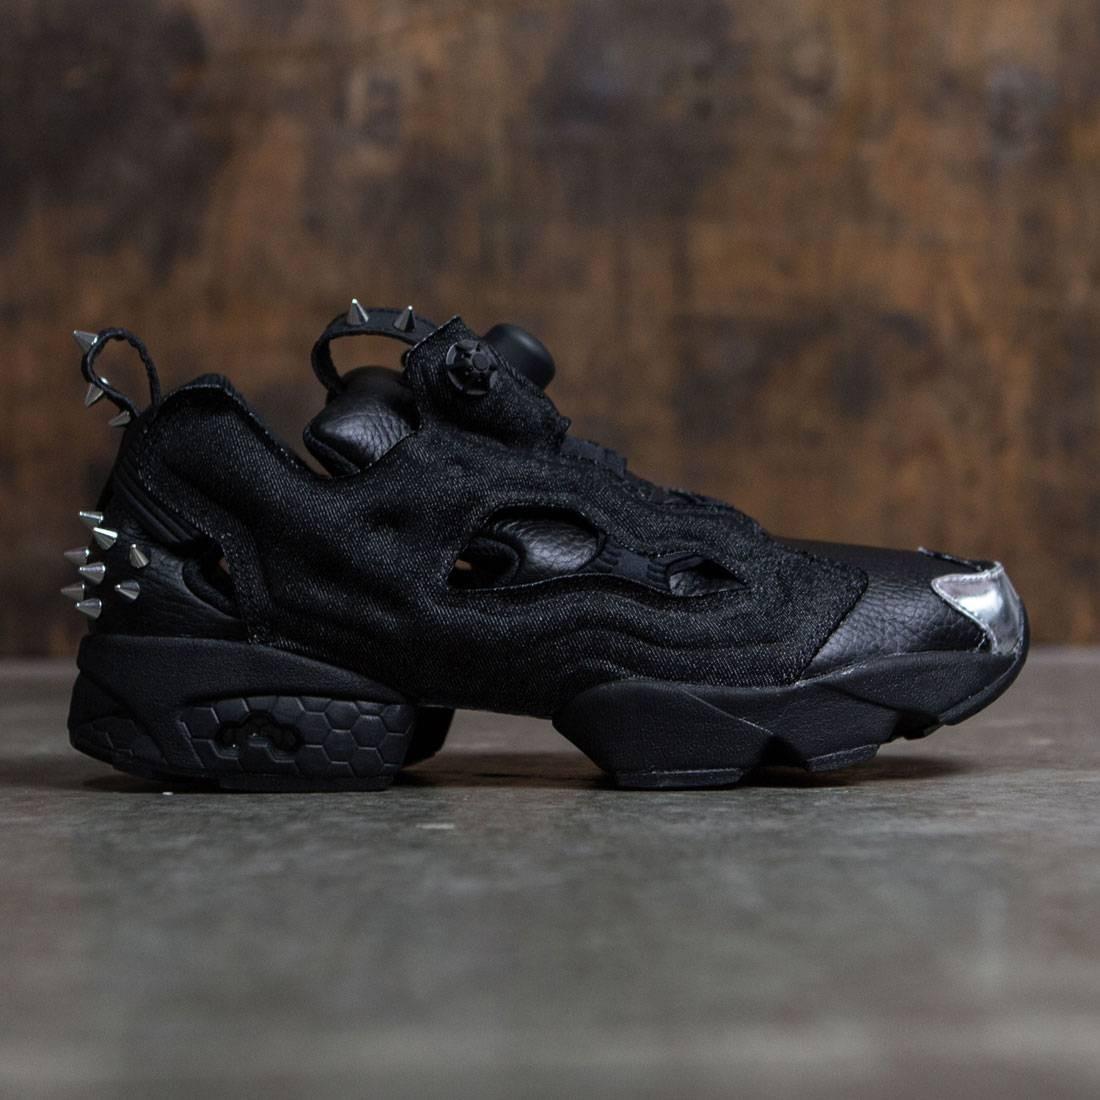 【海外限定】リーボック メンズ靴 靴 【 REEBOK MEN INSTAPUMP FURY OG HALLOWEEN BLACK SILIVER METALLIC 】